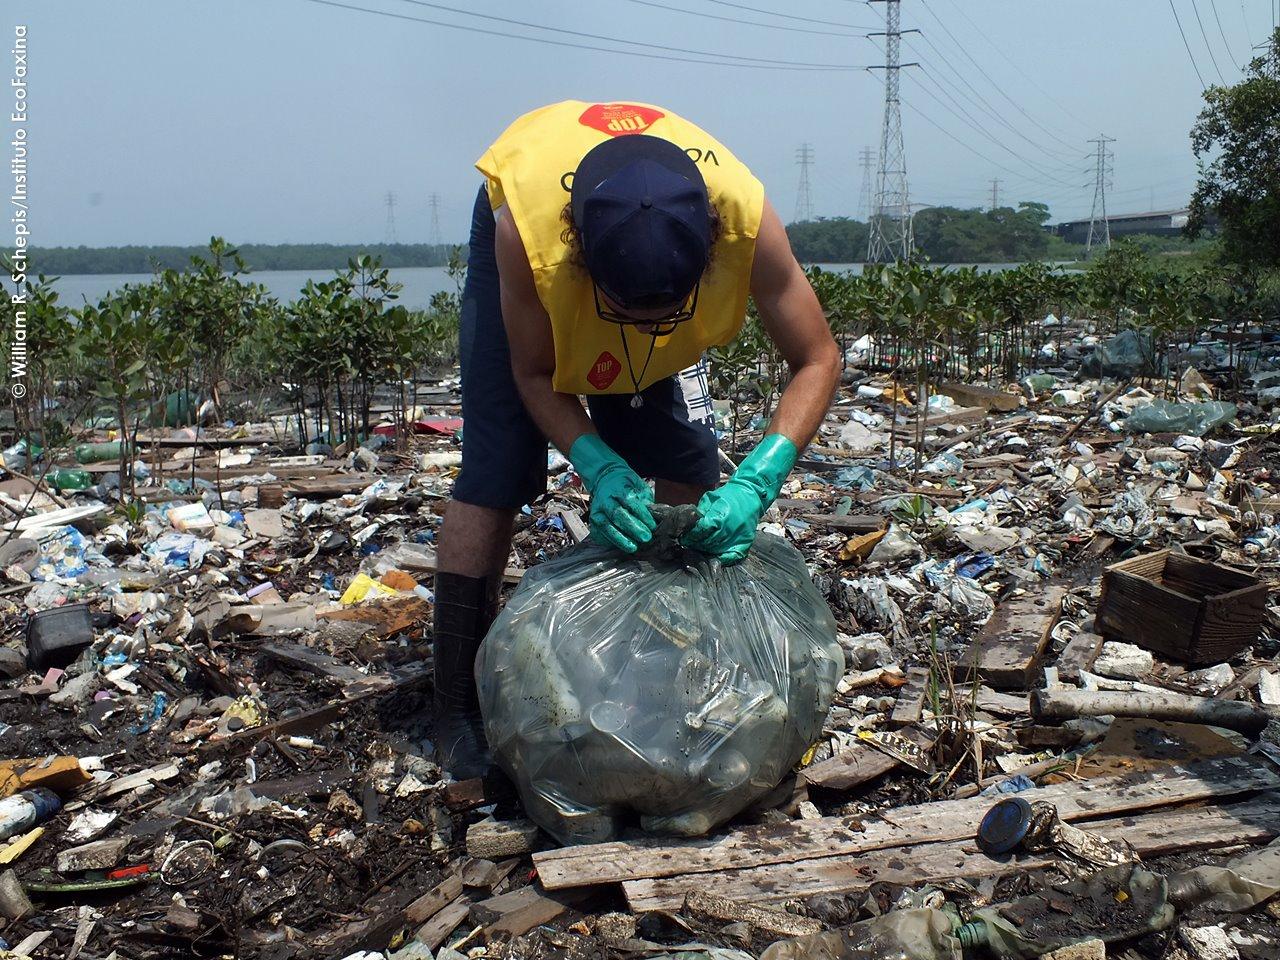 Voluntário do Instituto Ecofaxina coletando resíduos em manguezal de Santos